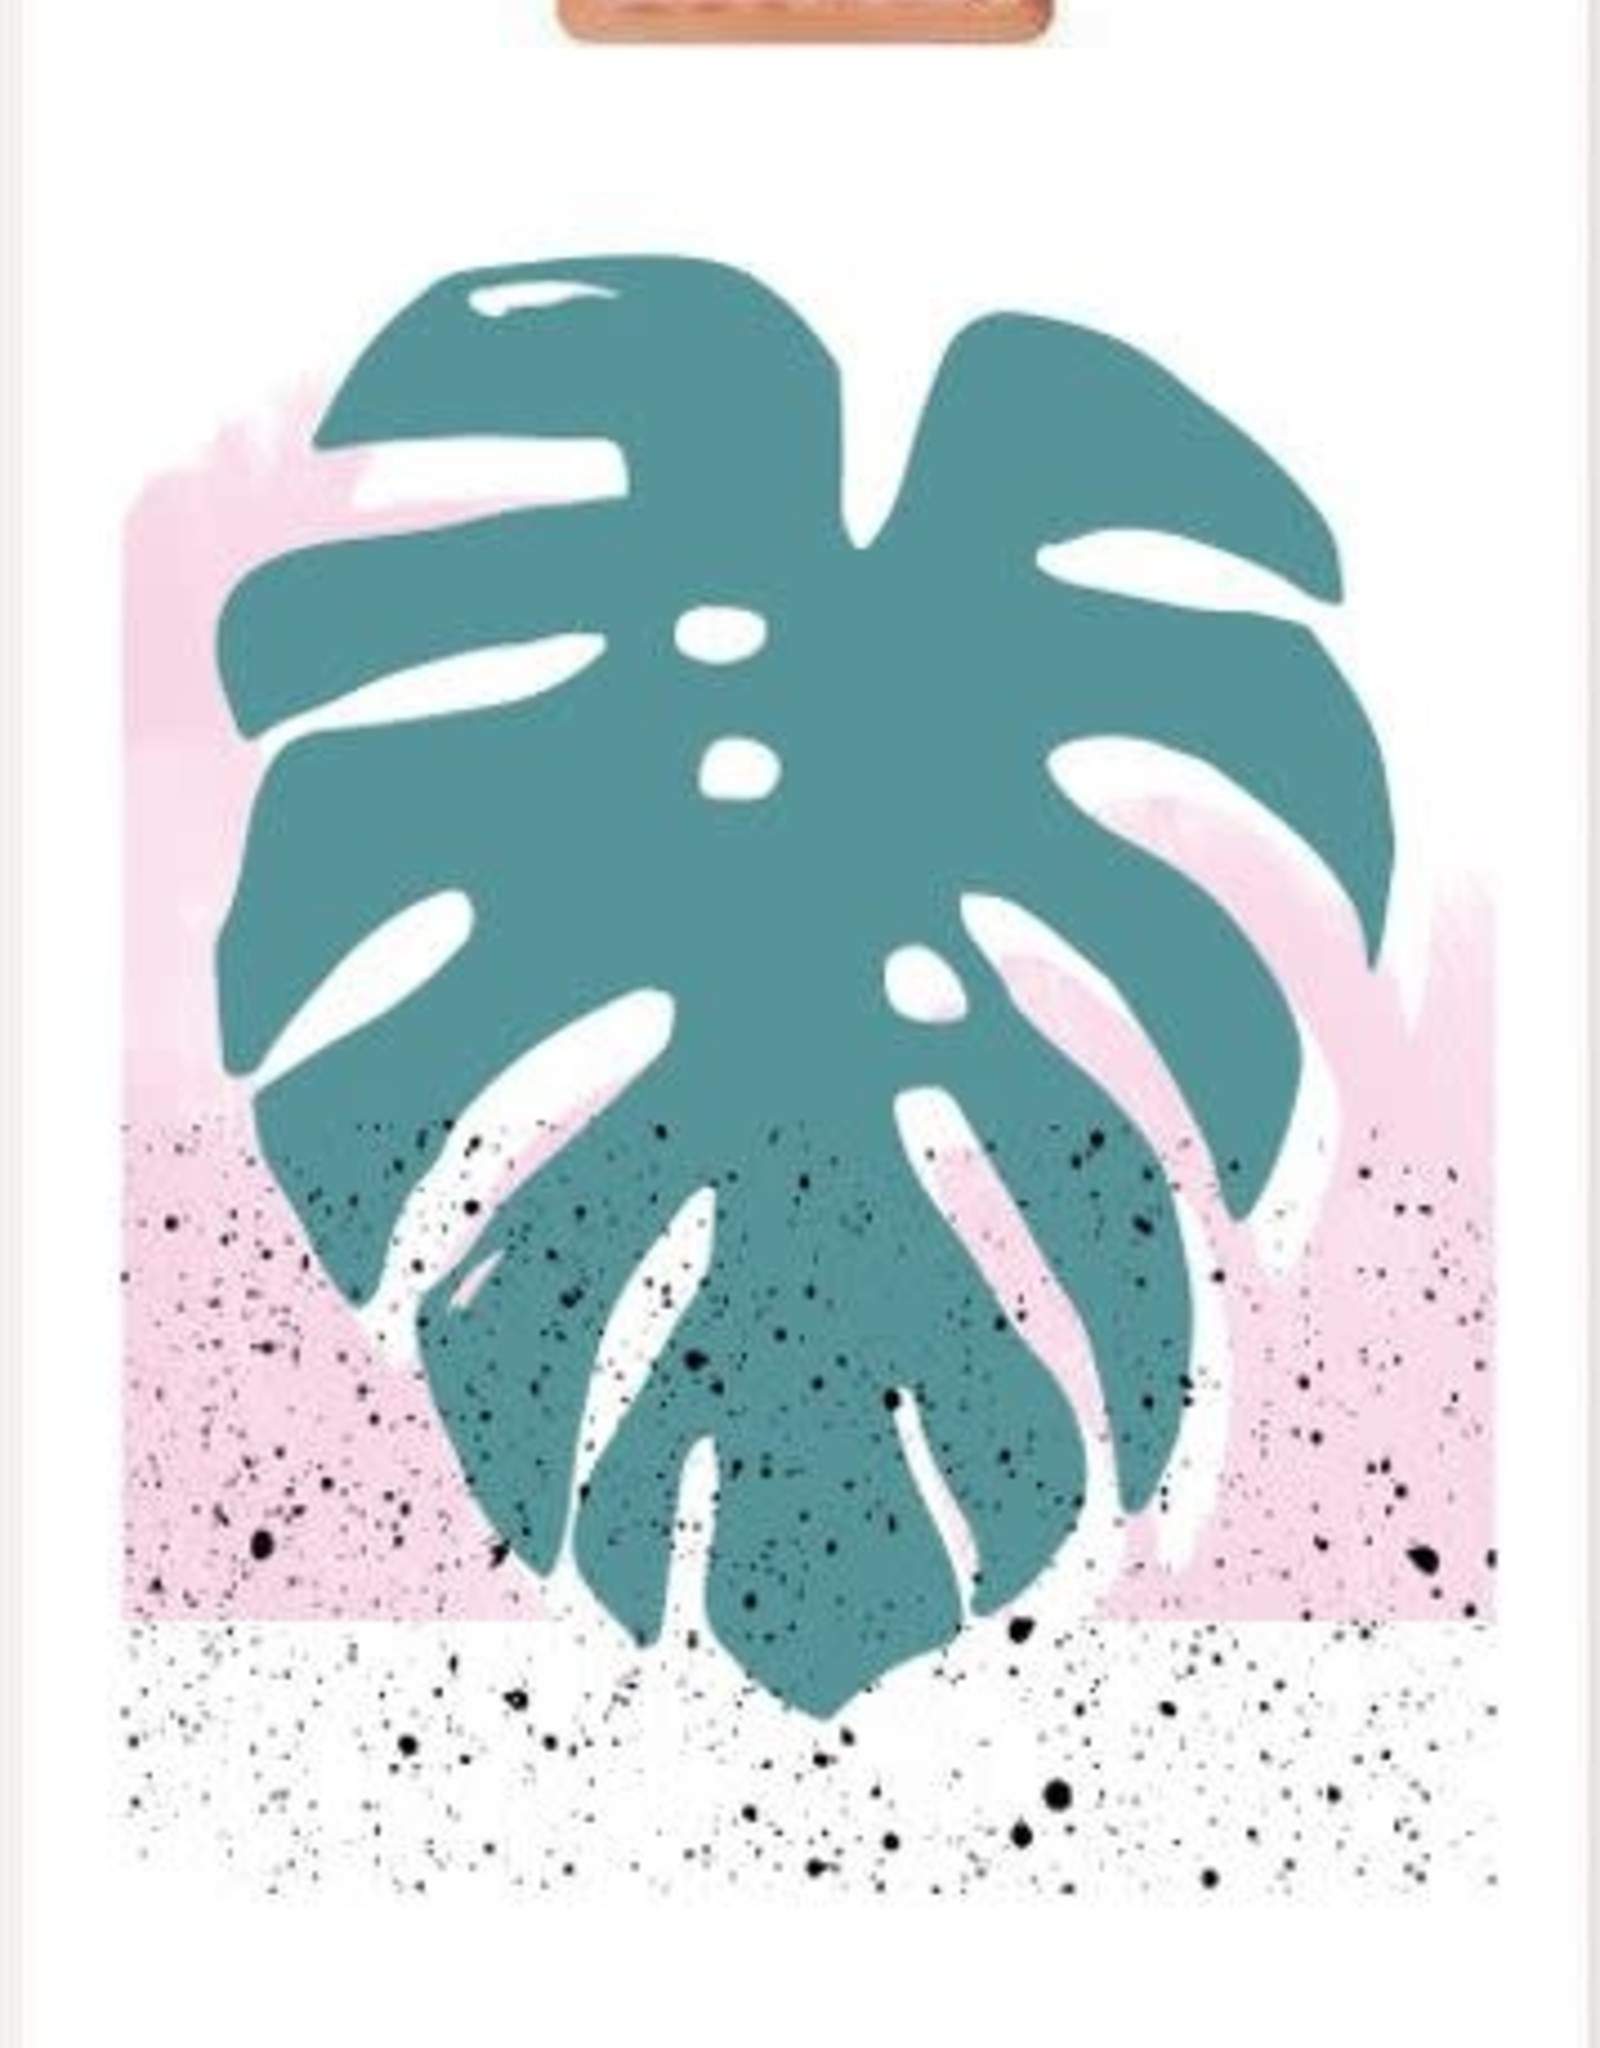 Toffie  Affichiste Poster Doux Printemps #1 -  12''x18''